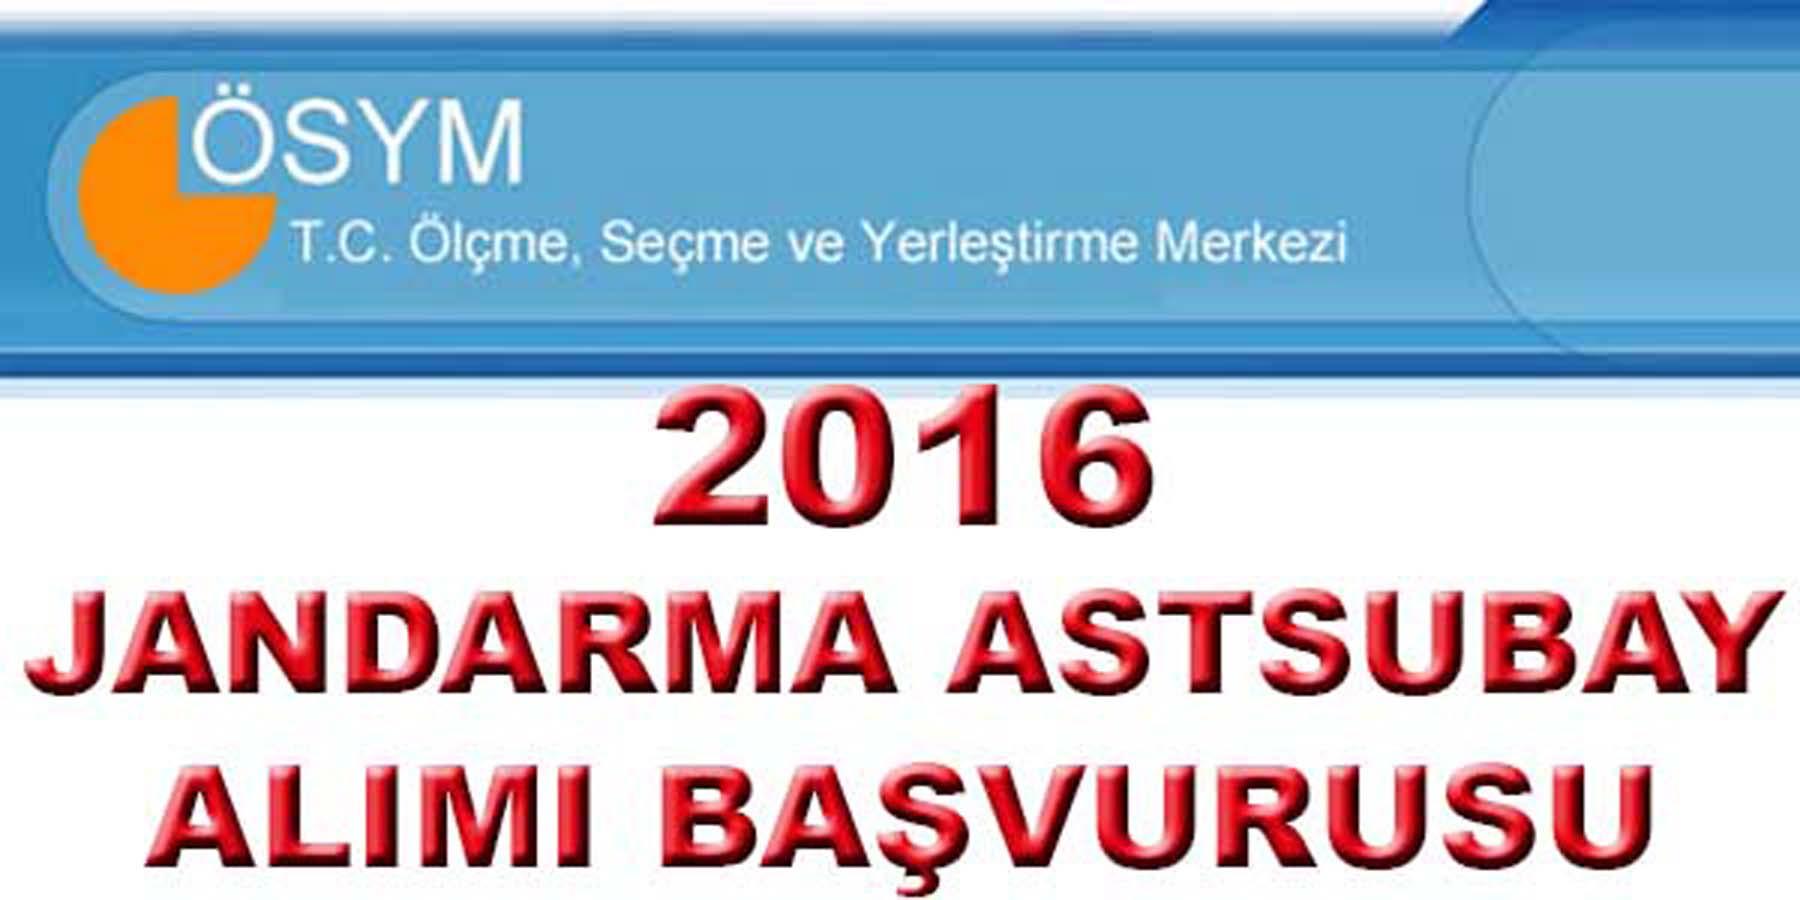 ÖSYM 2016 Jandarma Astsubay Alımı Başvurusu